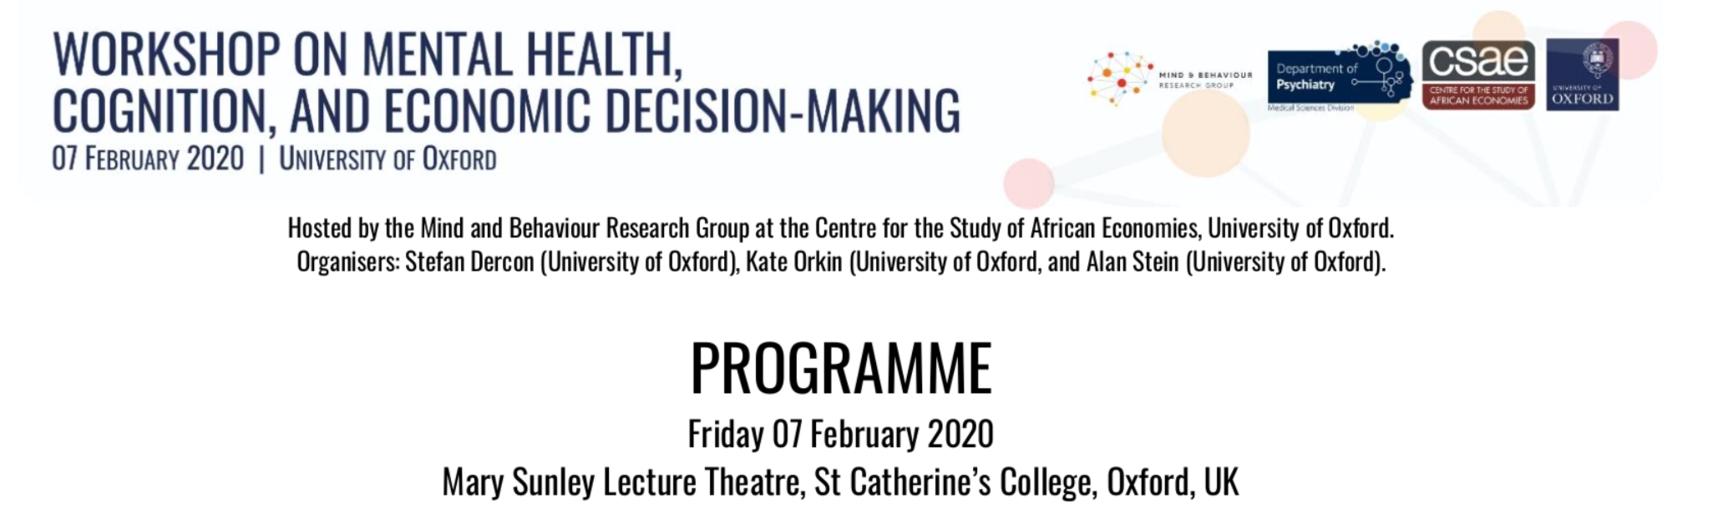 Programme header for the workshop